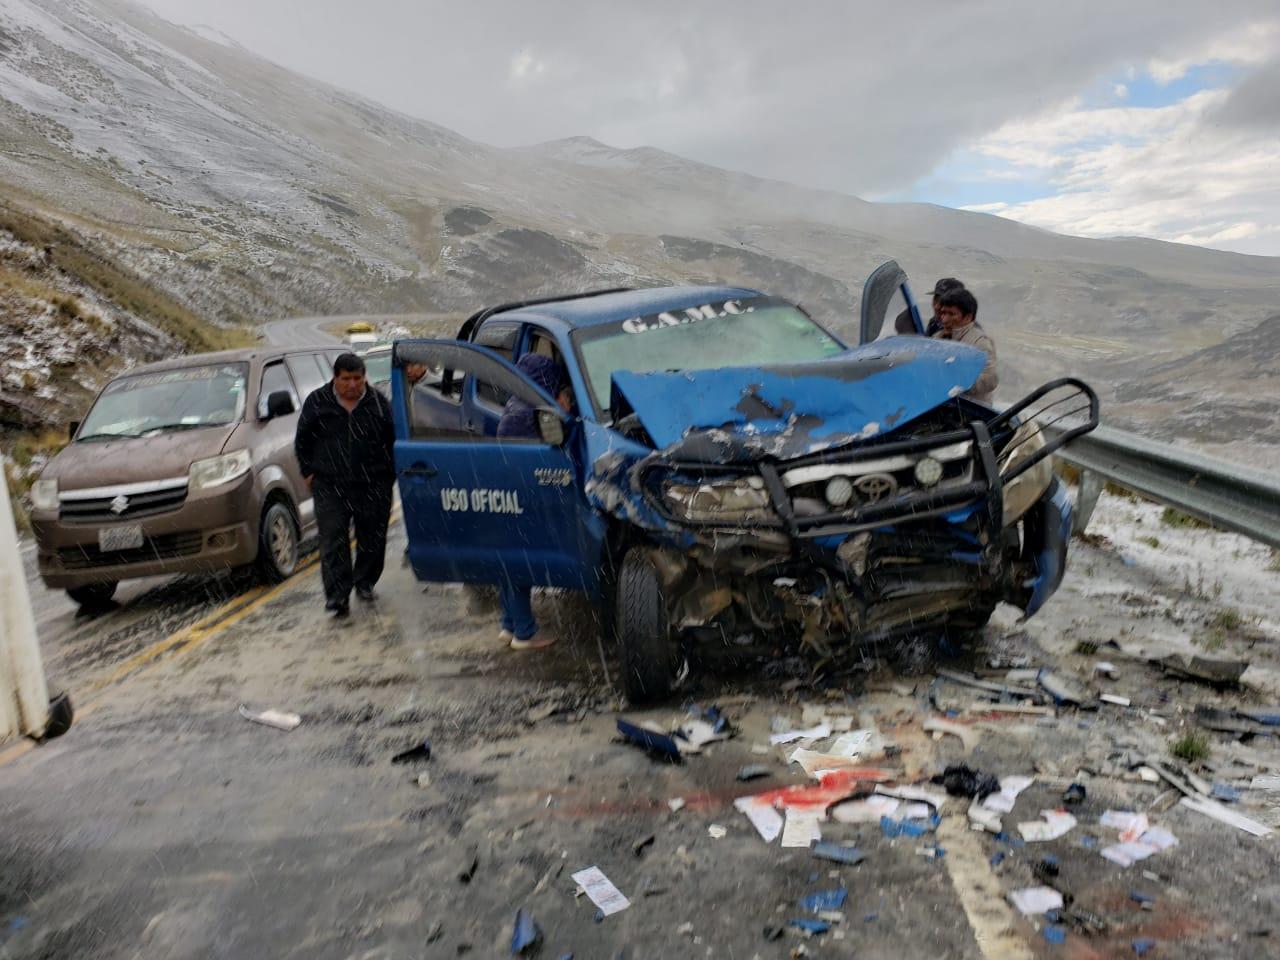 Vehículo de la alcaldía de Coroico provoca accidente de tránsito en la carretera La Paz – Yungas